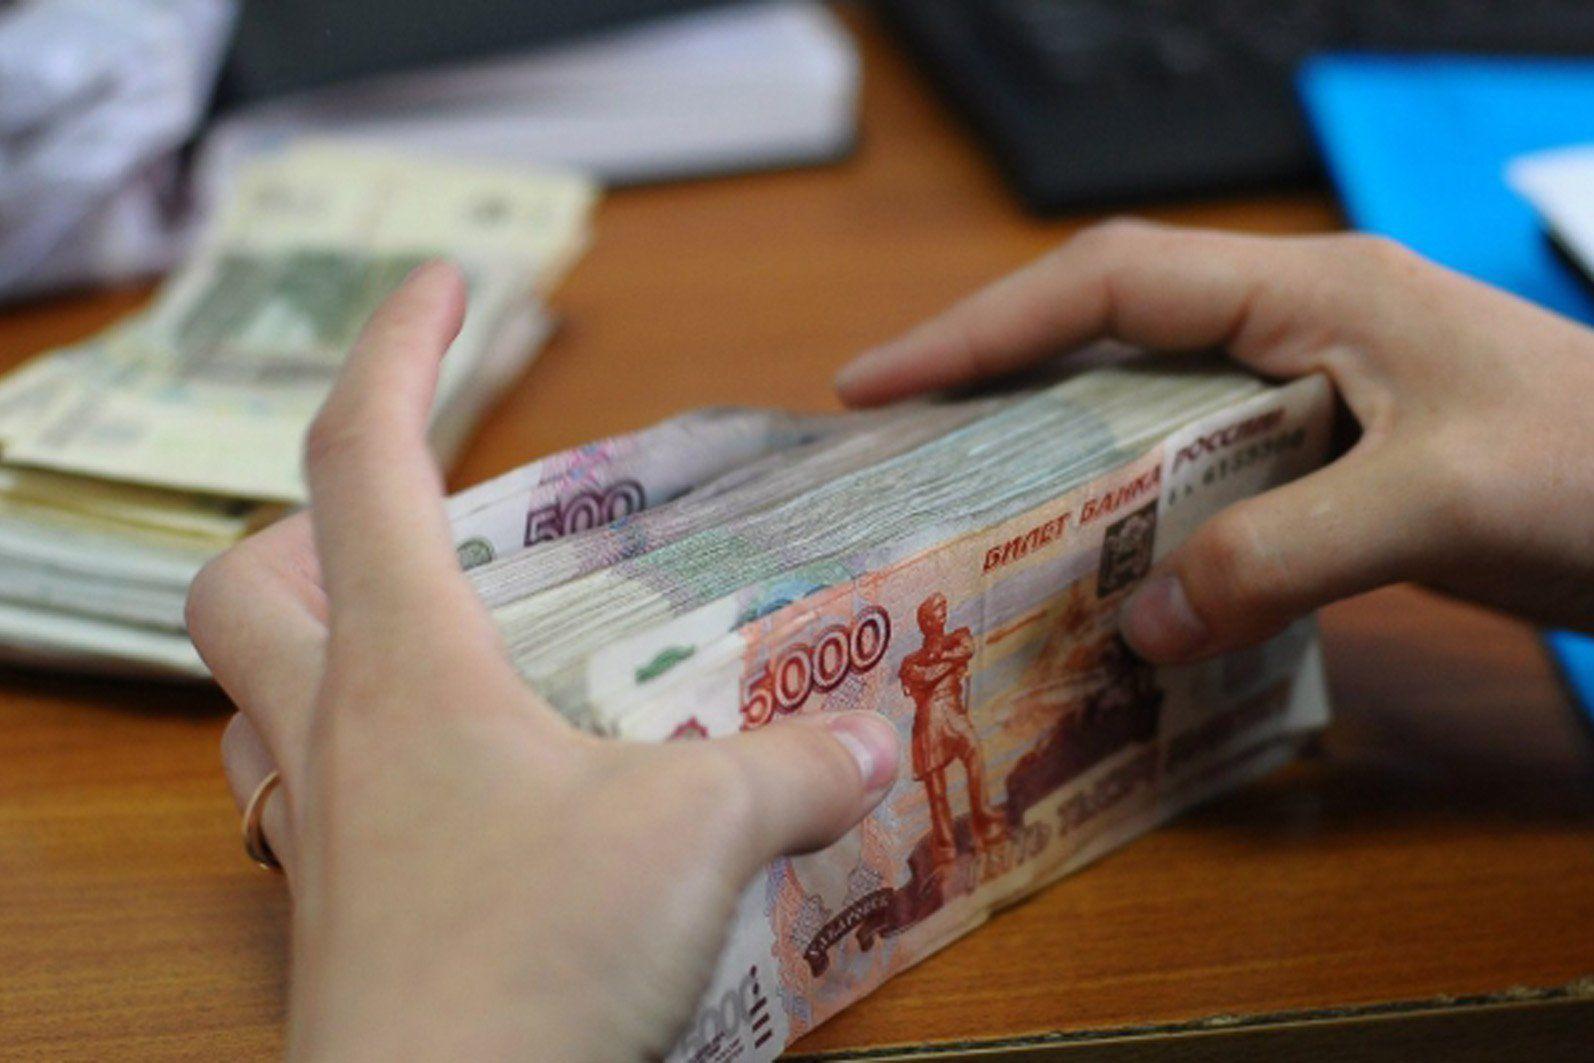 Ежемесячно каждый житель Кировской области платит в среднем 984 рубля налога со своих доходов